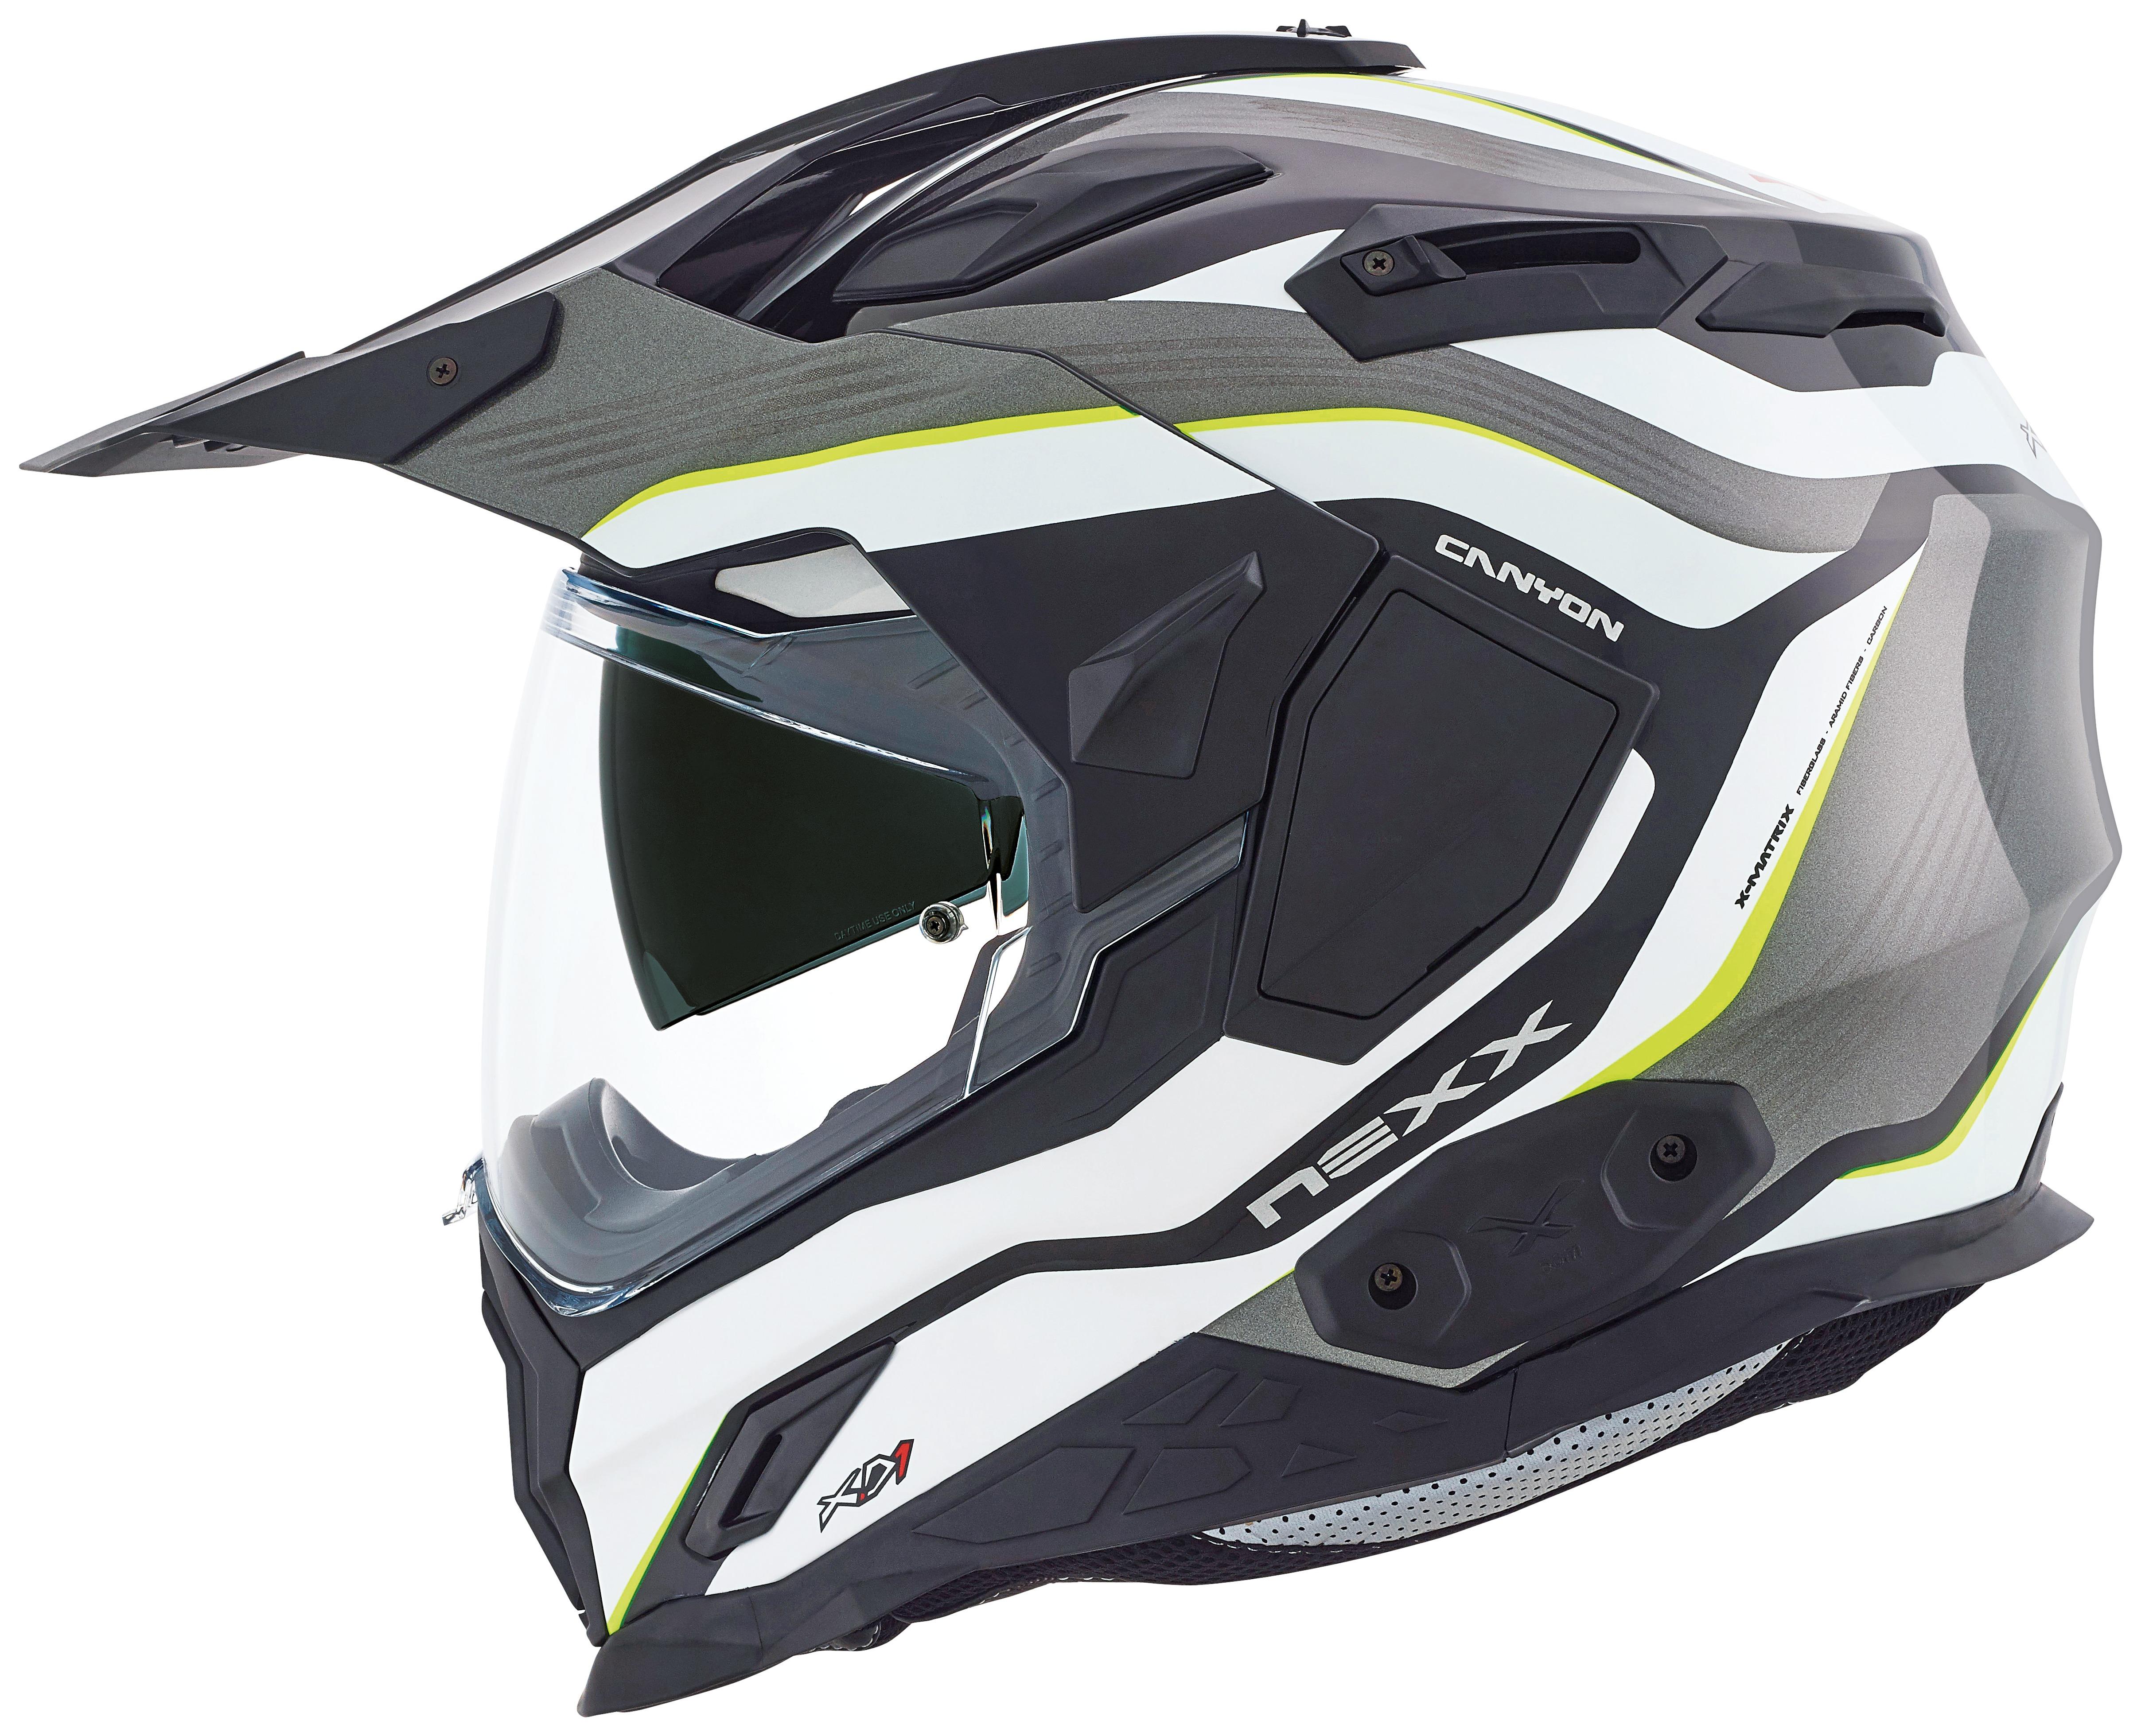 Motorcycle Riding Pants >> Nexx XD1 Canyon Helmet - RevZilla